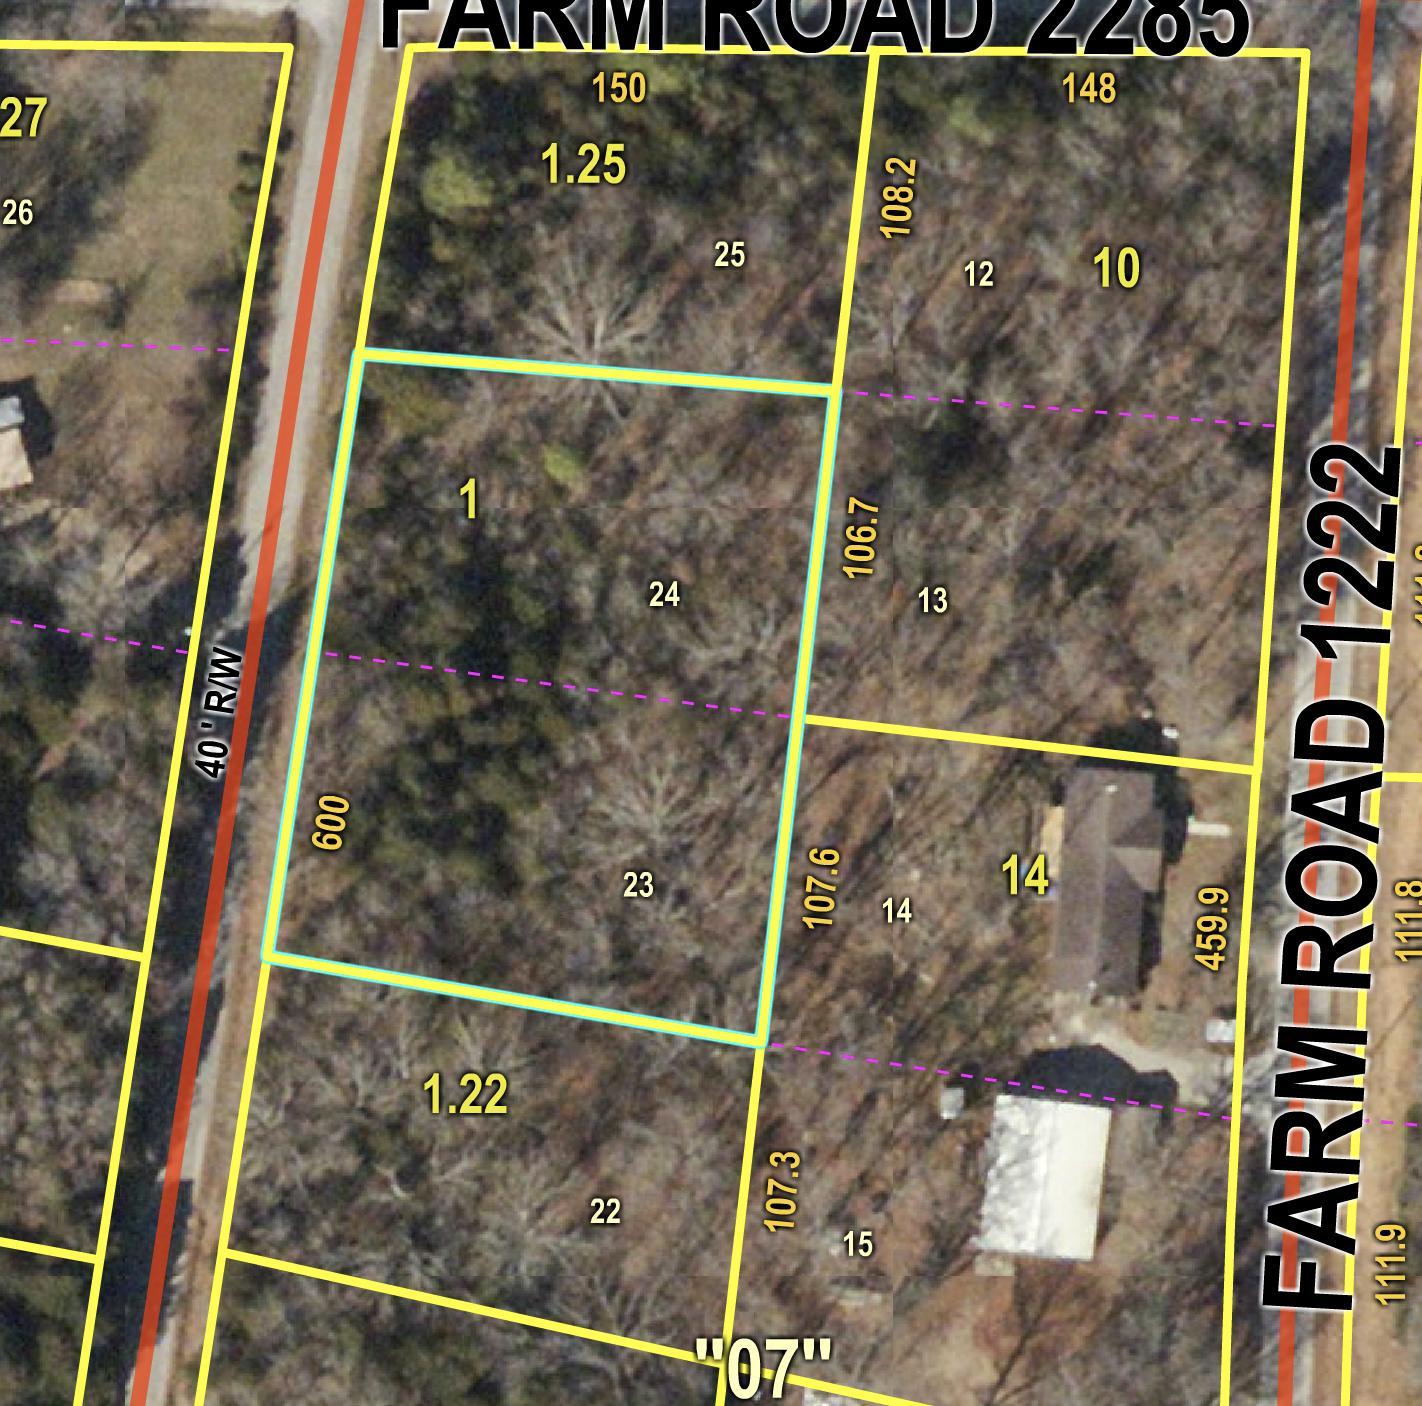 Elmo'S#3 Lots 23&24 Farm Road 1220